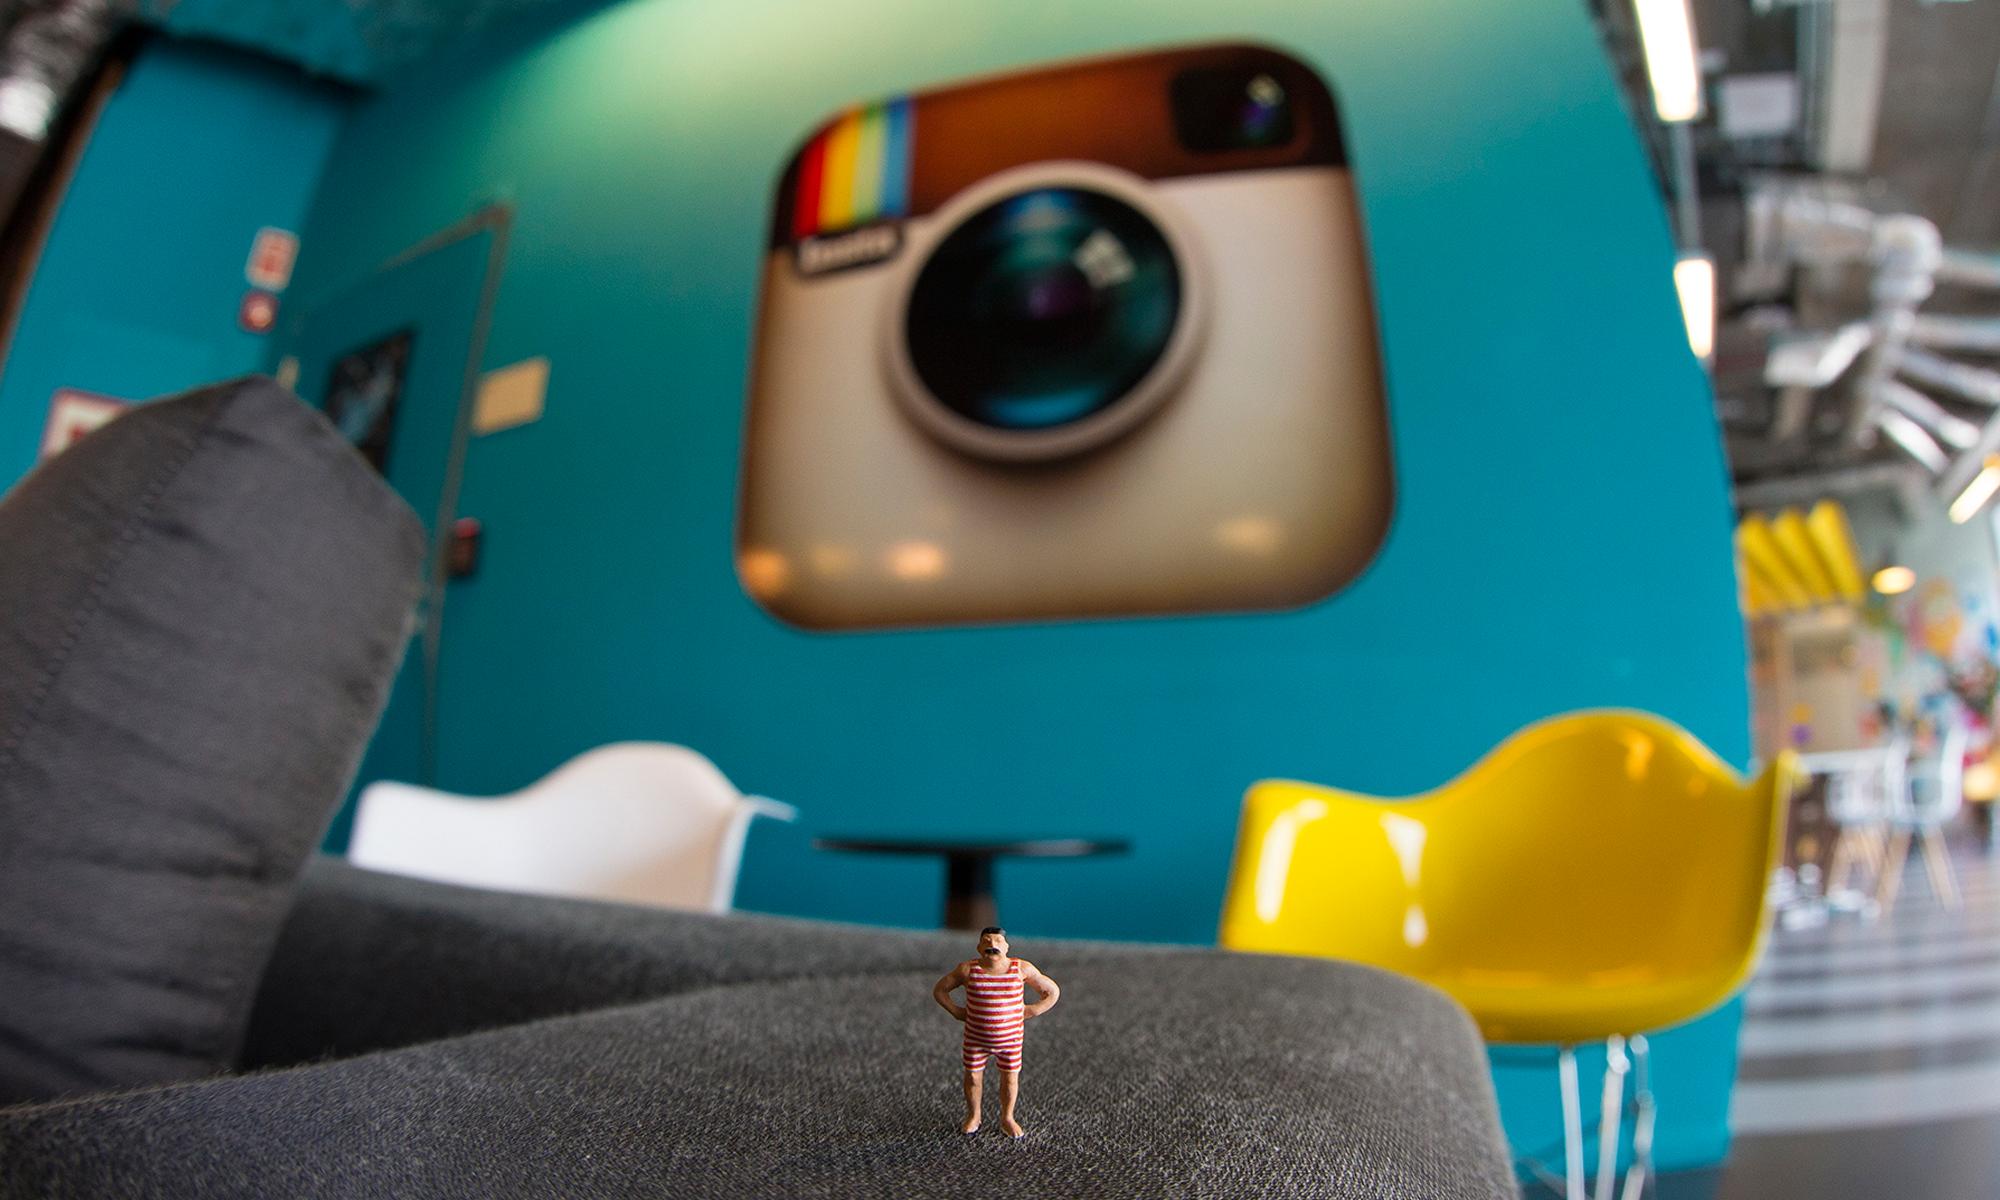 Visita ao QG do Facebook e Instagram no Brasil